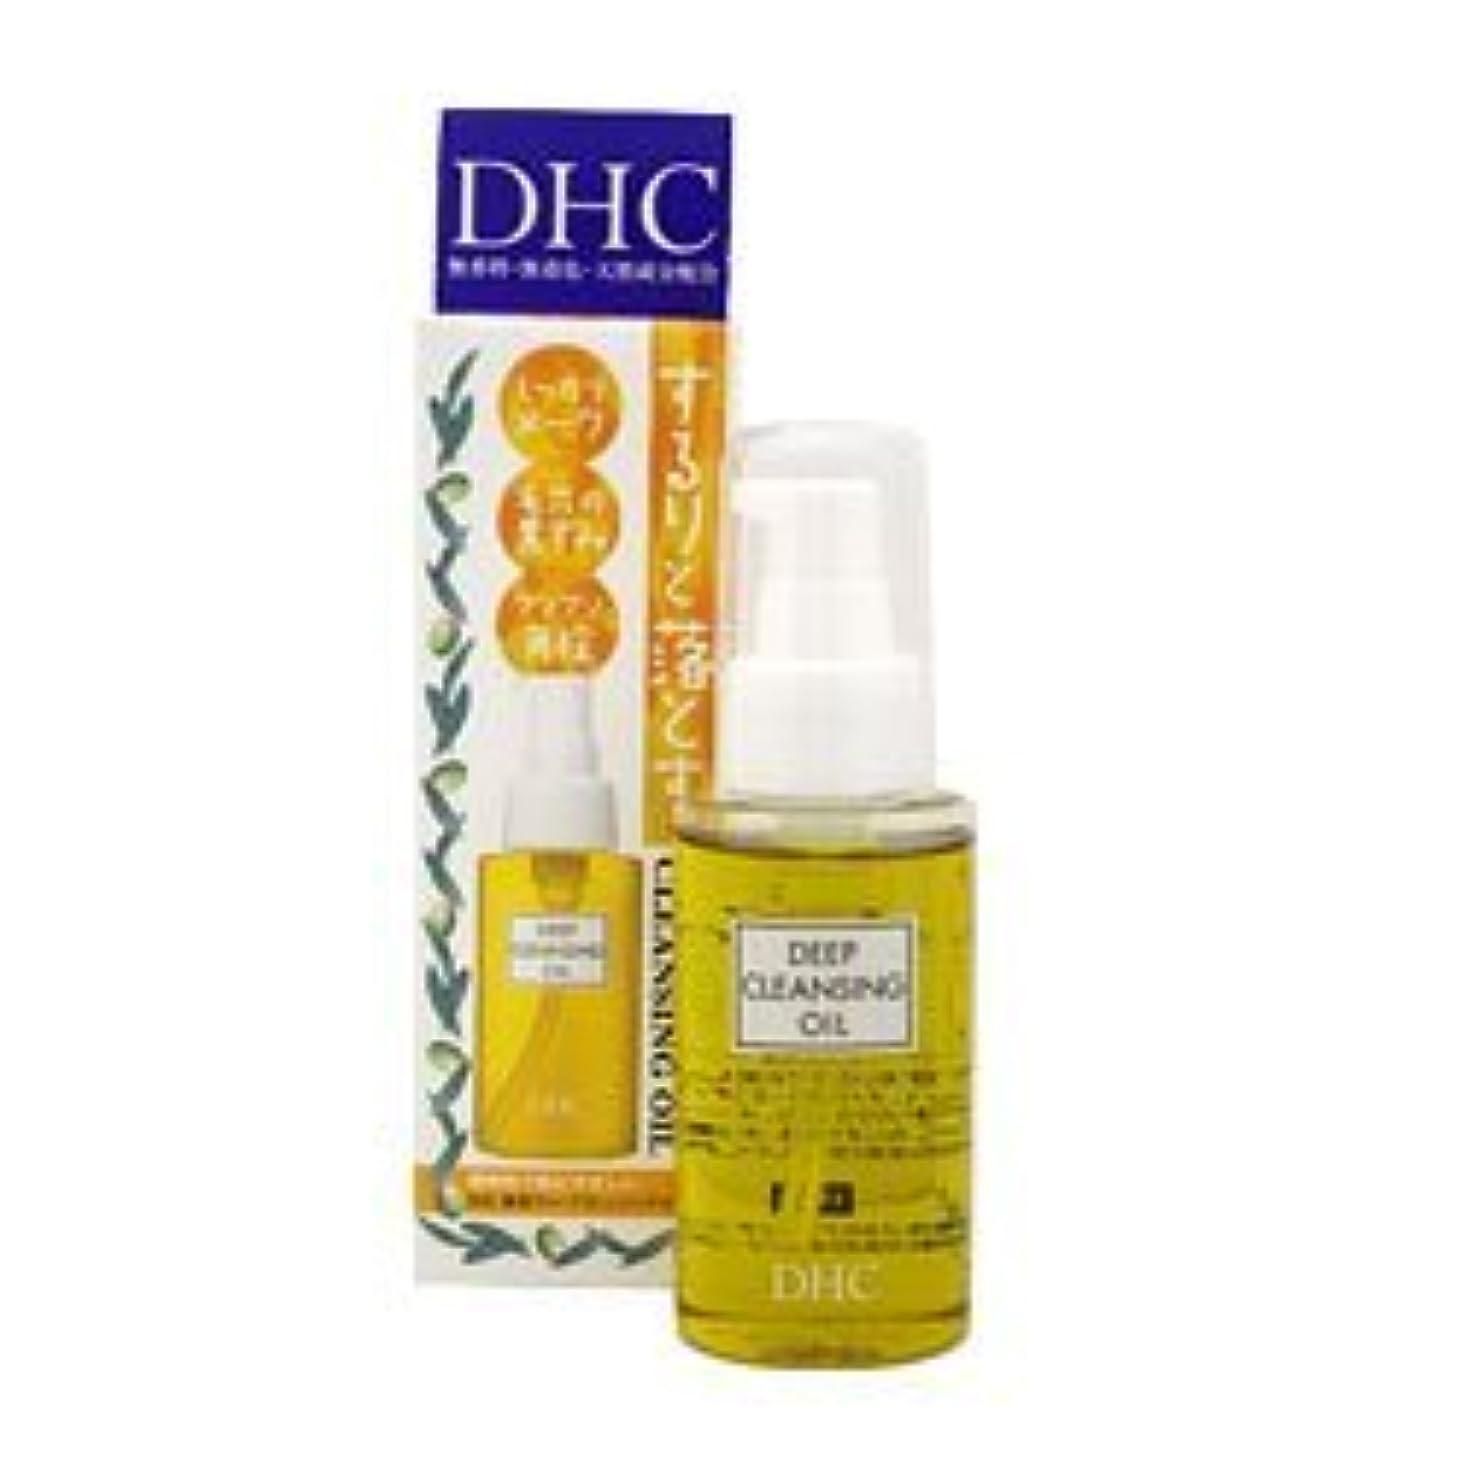 大きさ島透ける【DHC】DHC 薬用ディープクレンジングオイル(SS) 70ml ×20個セット